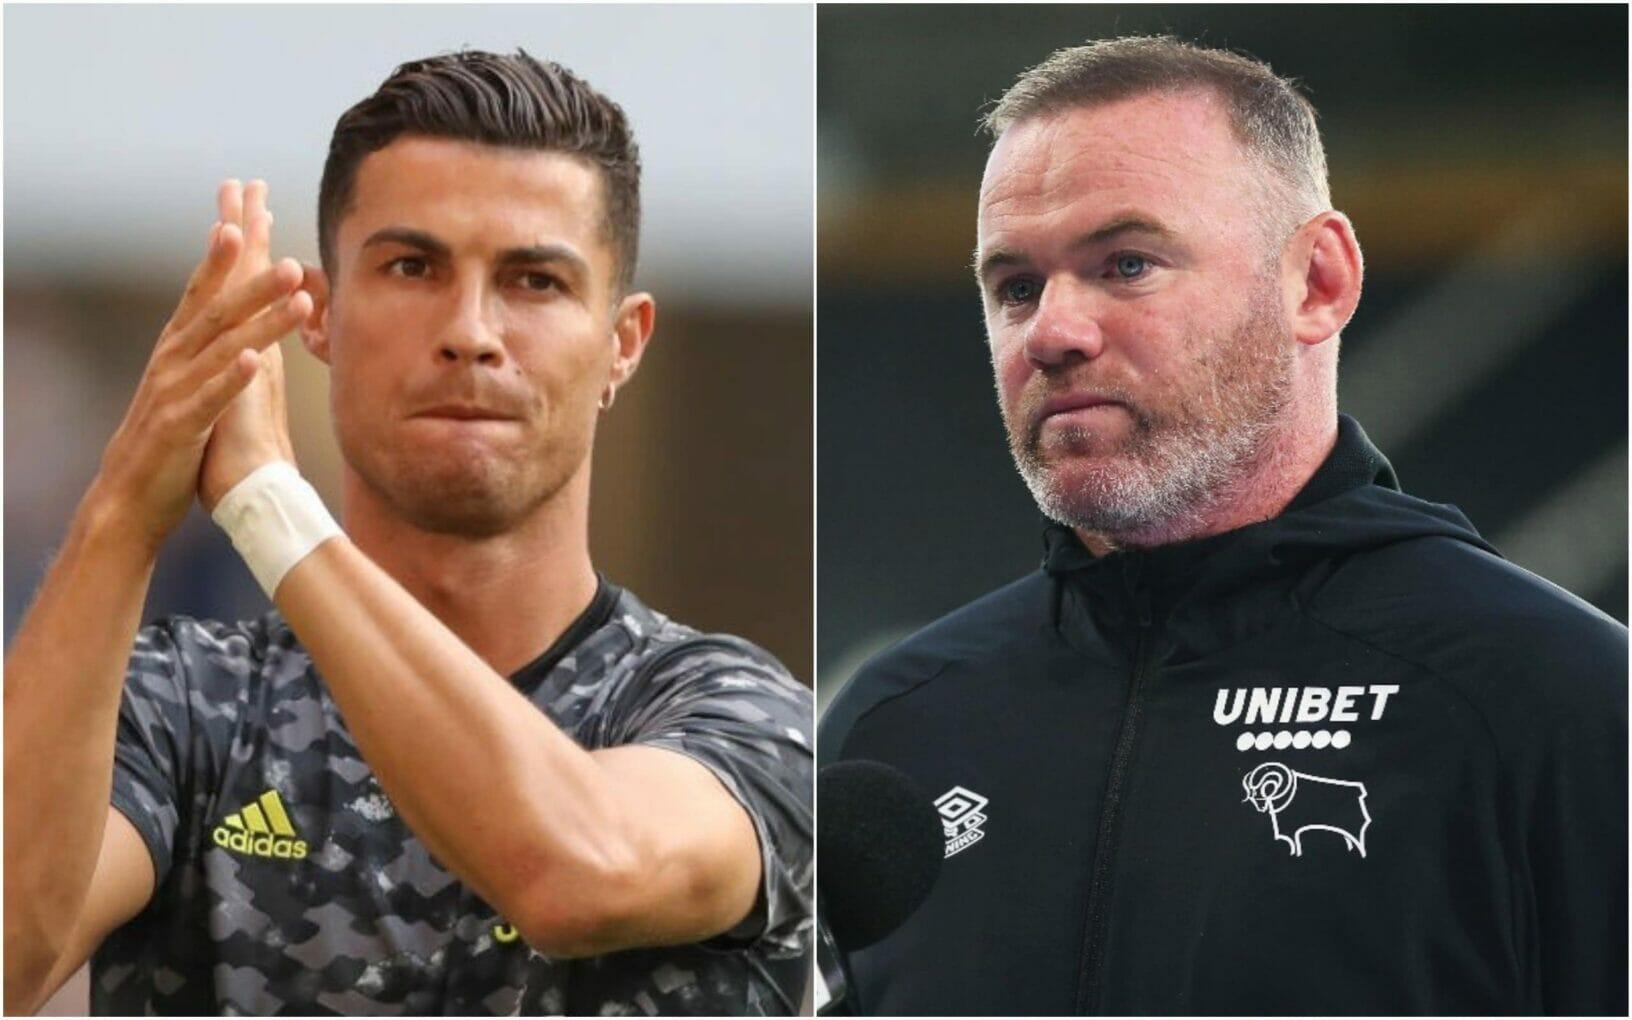 Cristiano-Ronaldo-and-Wayne-Rooney